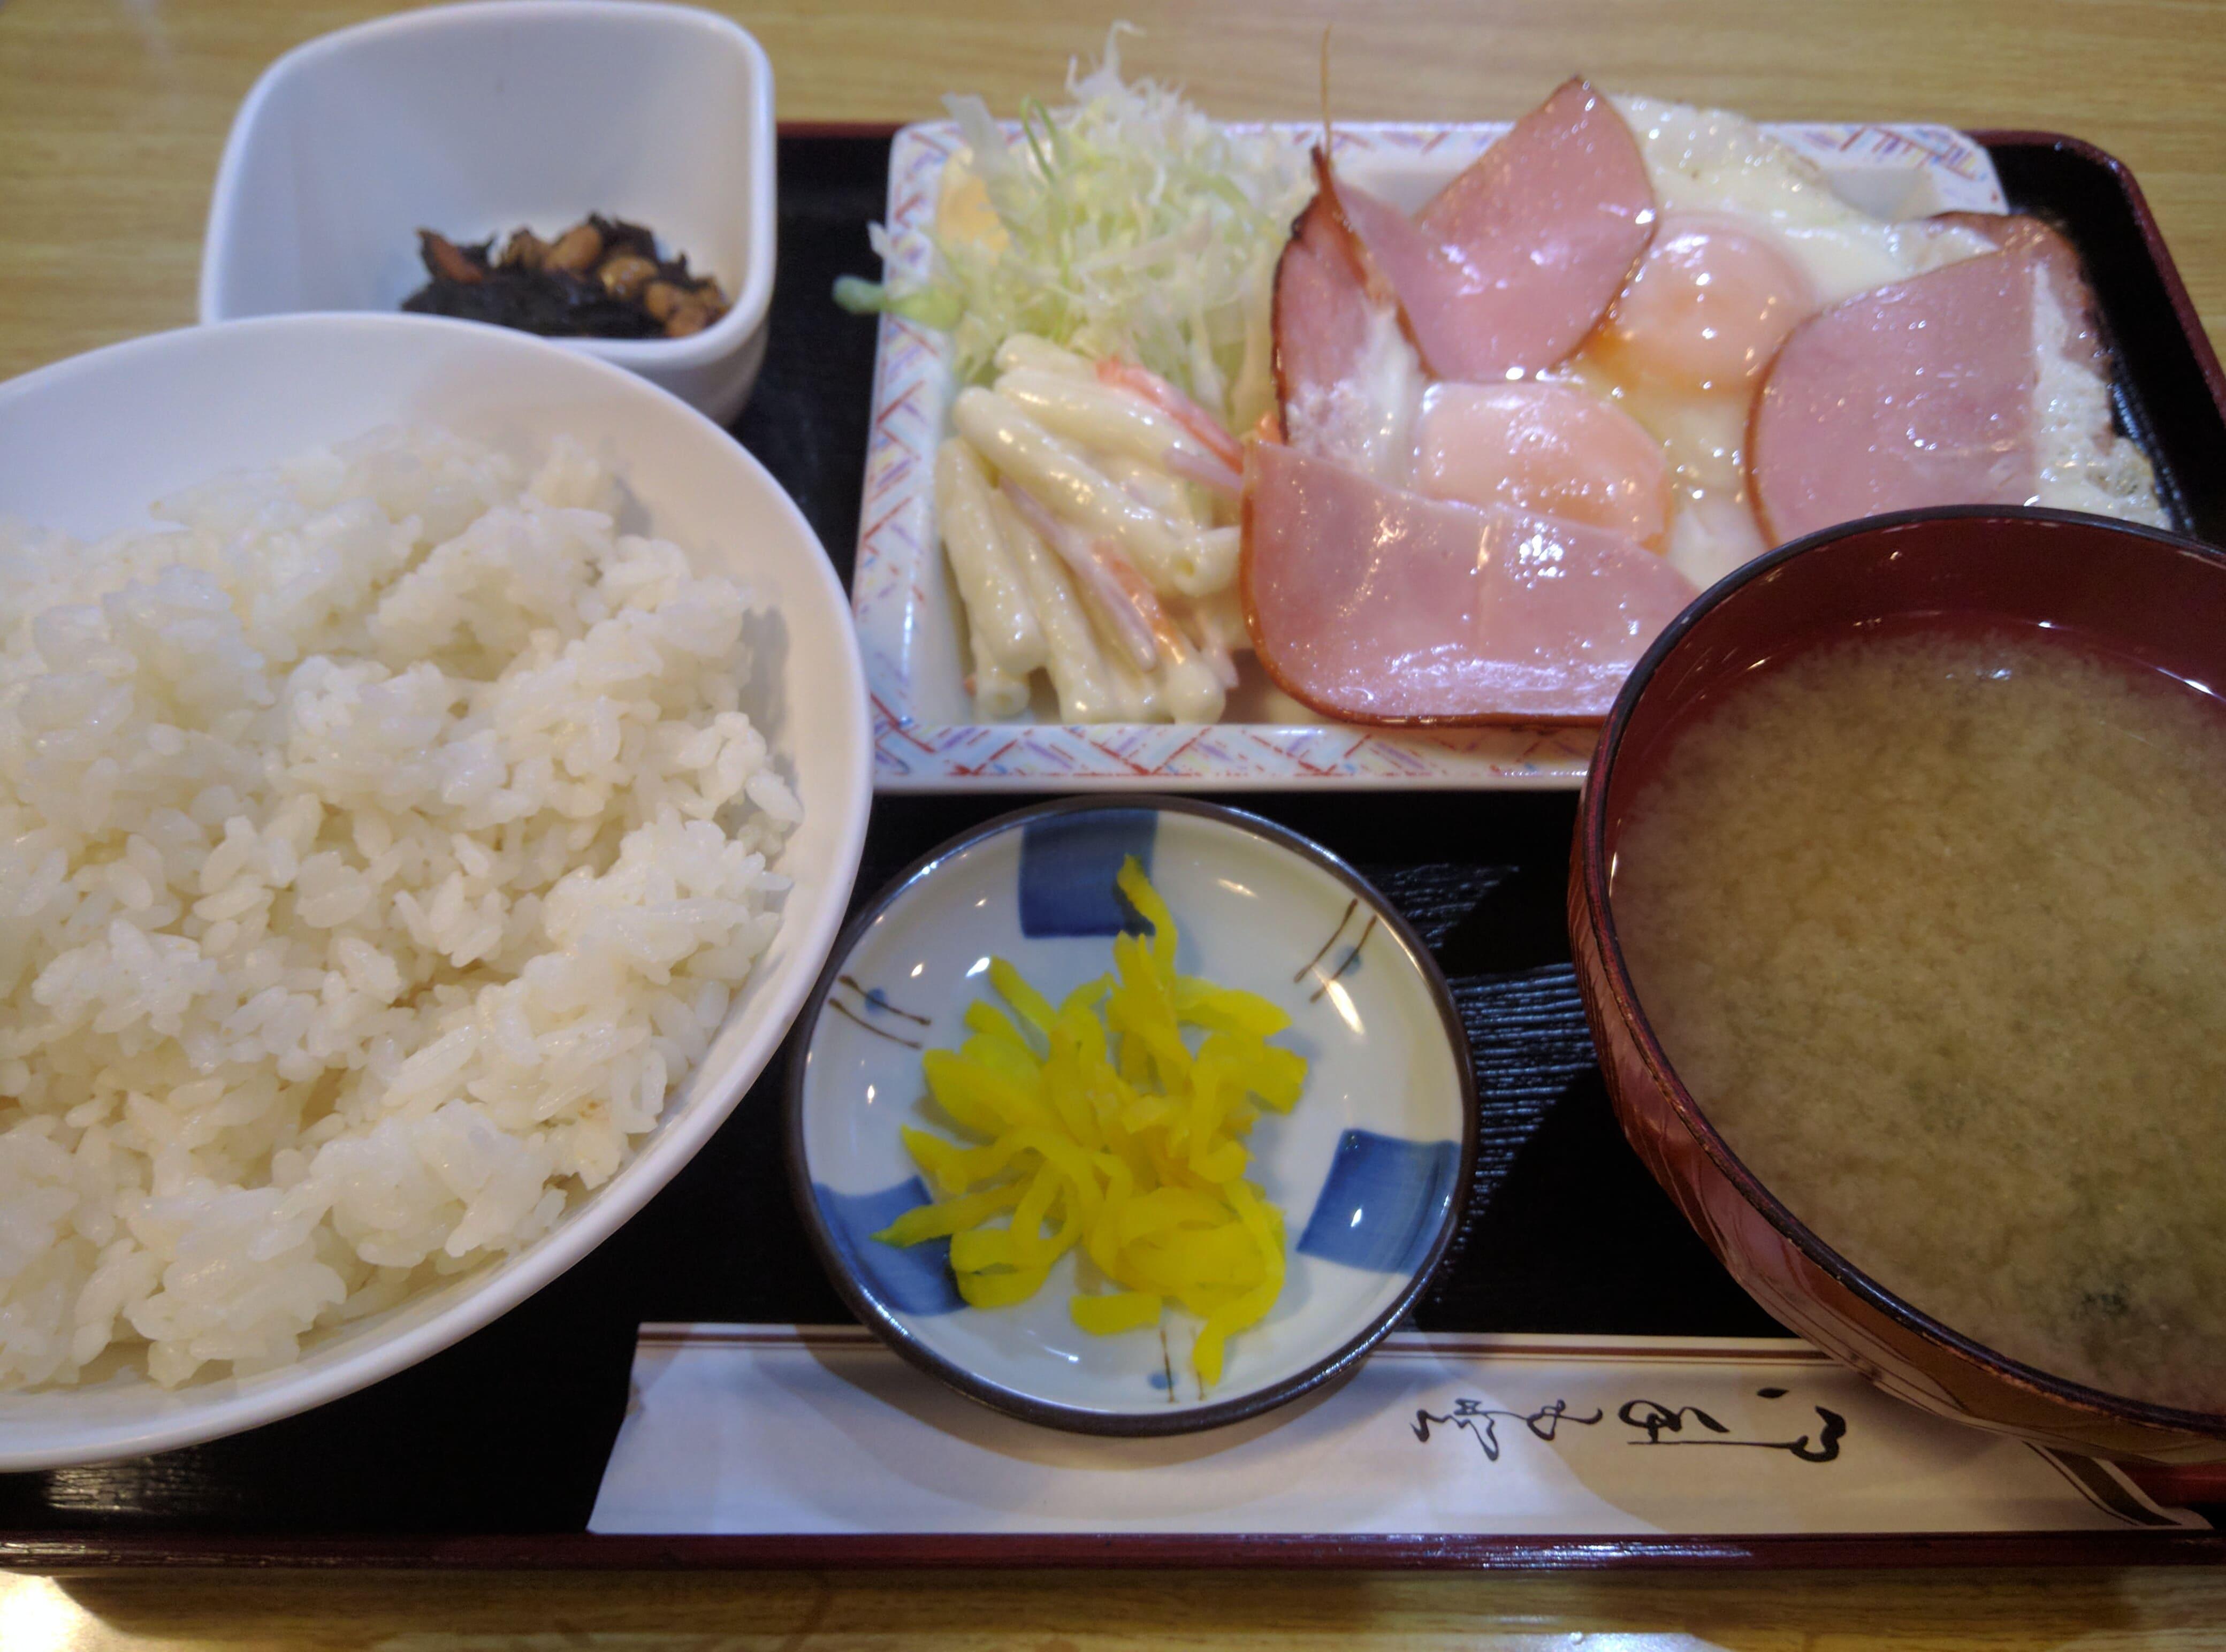 東京で最も古いサウナの食堂 ~ 鶯谷 サウナセンター大泉